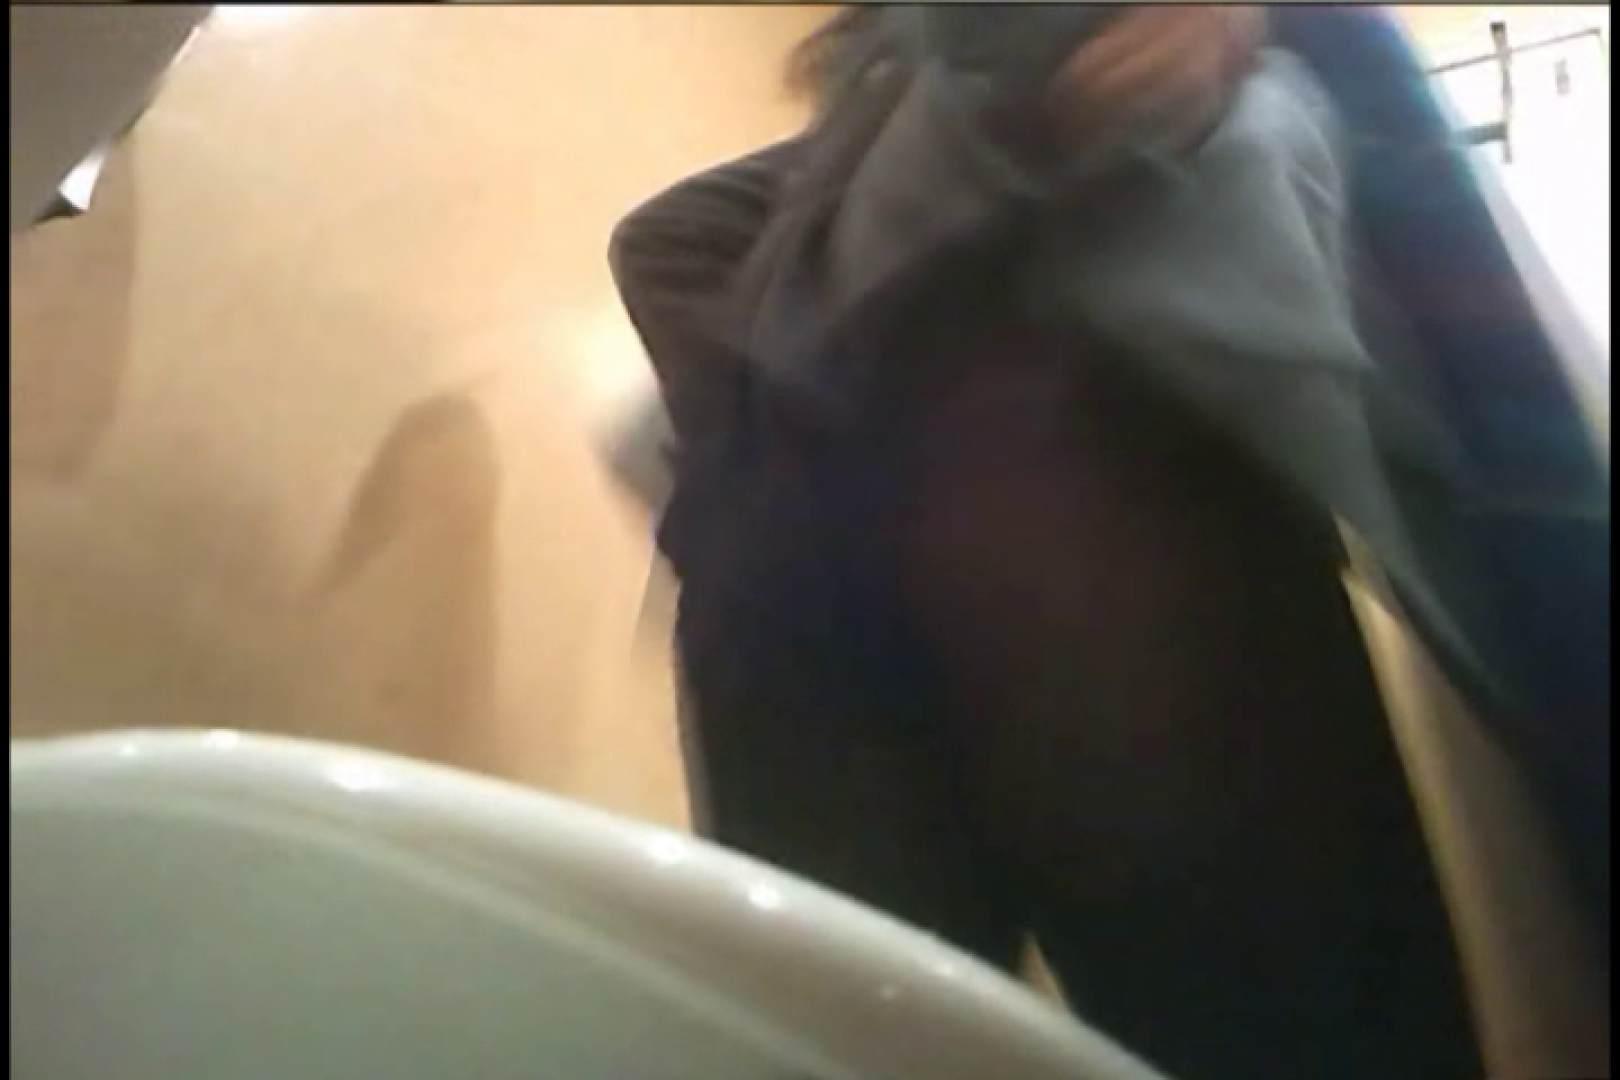 潜入!!女子化粧室盗撮~絶対見られたくない時間~vo,10 お尻 盗み撮りAV無料動画キャプチャ 80画像 22